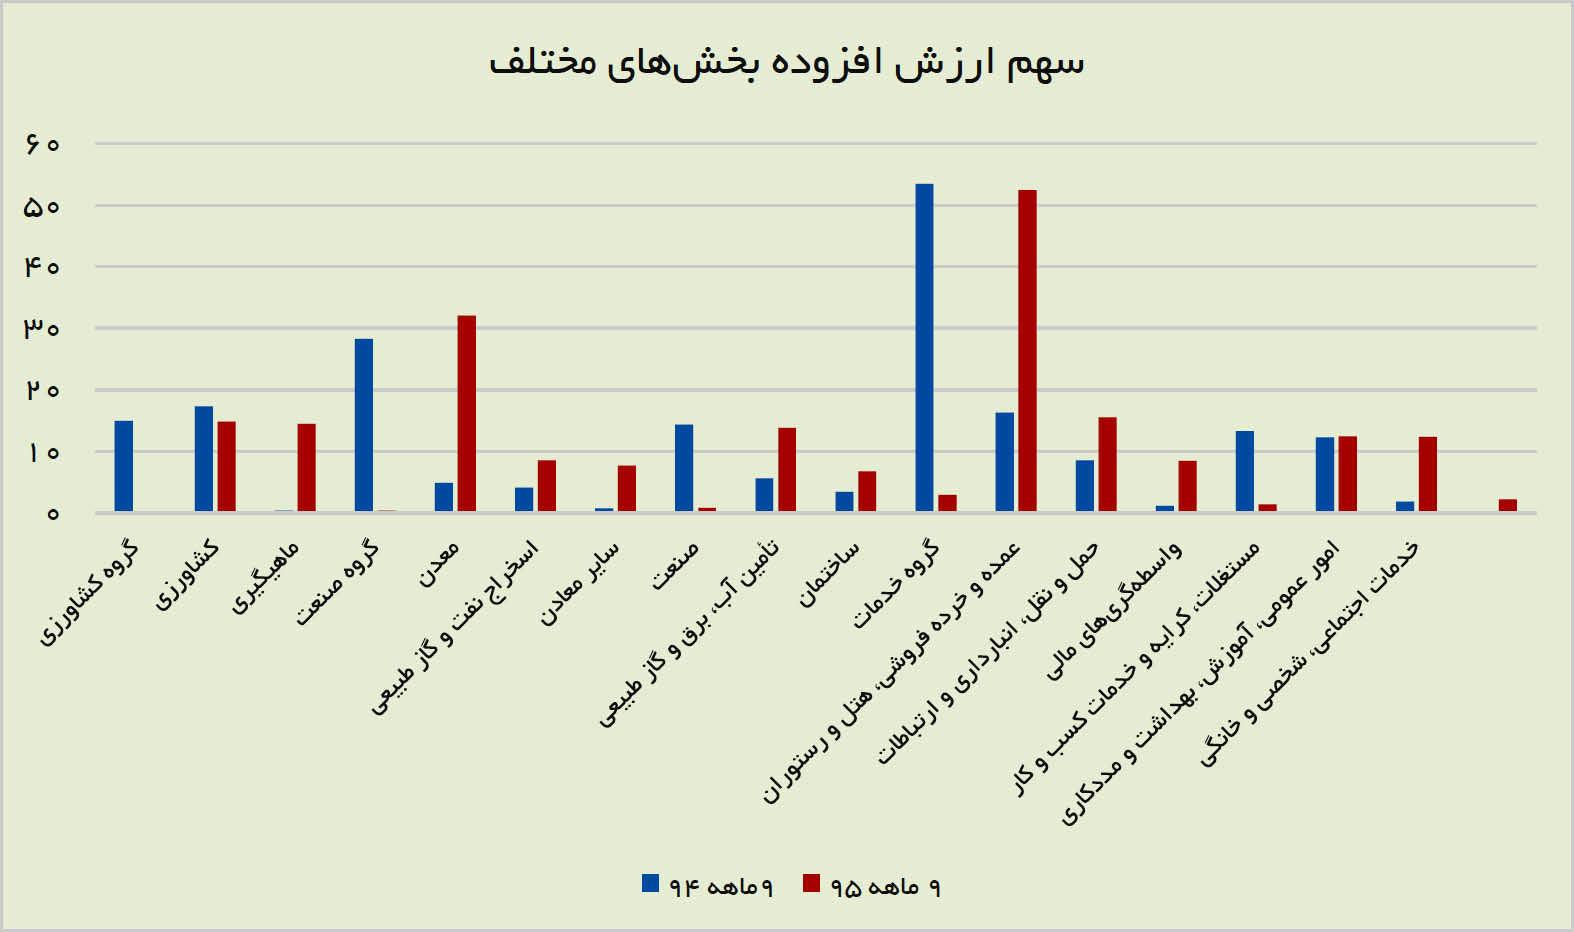 علائم بهبودی در اقتصاد ایران